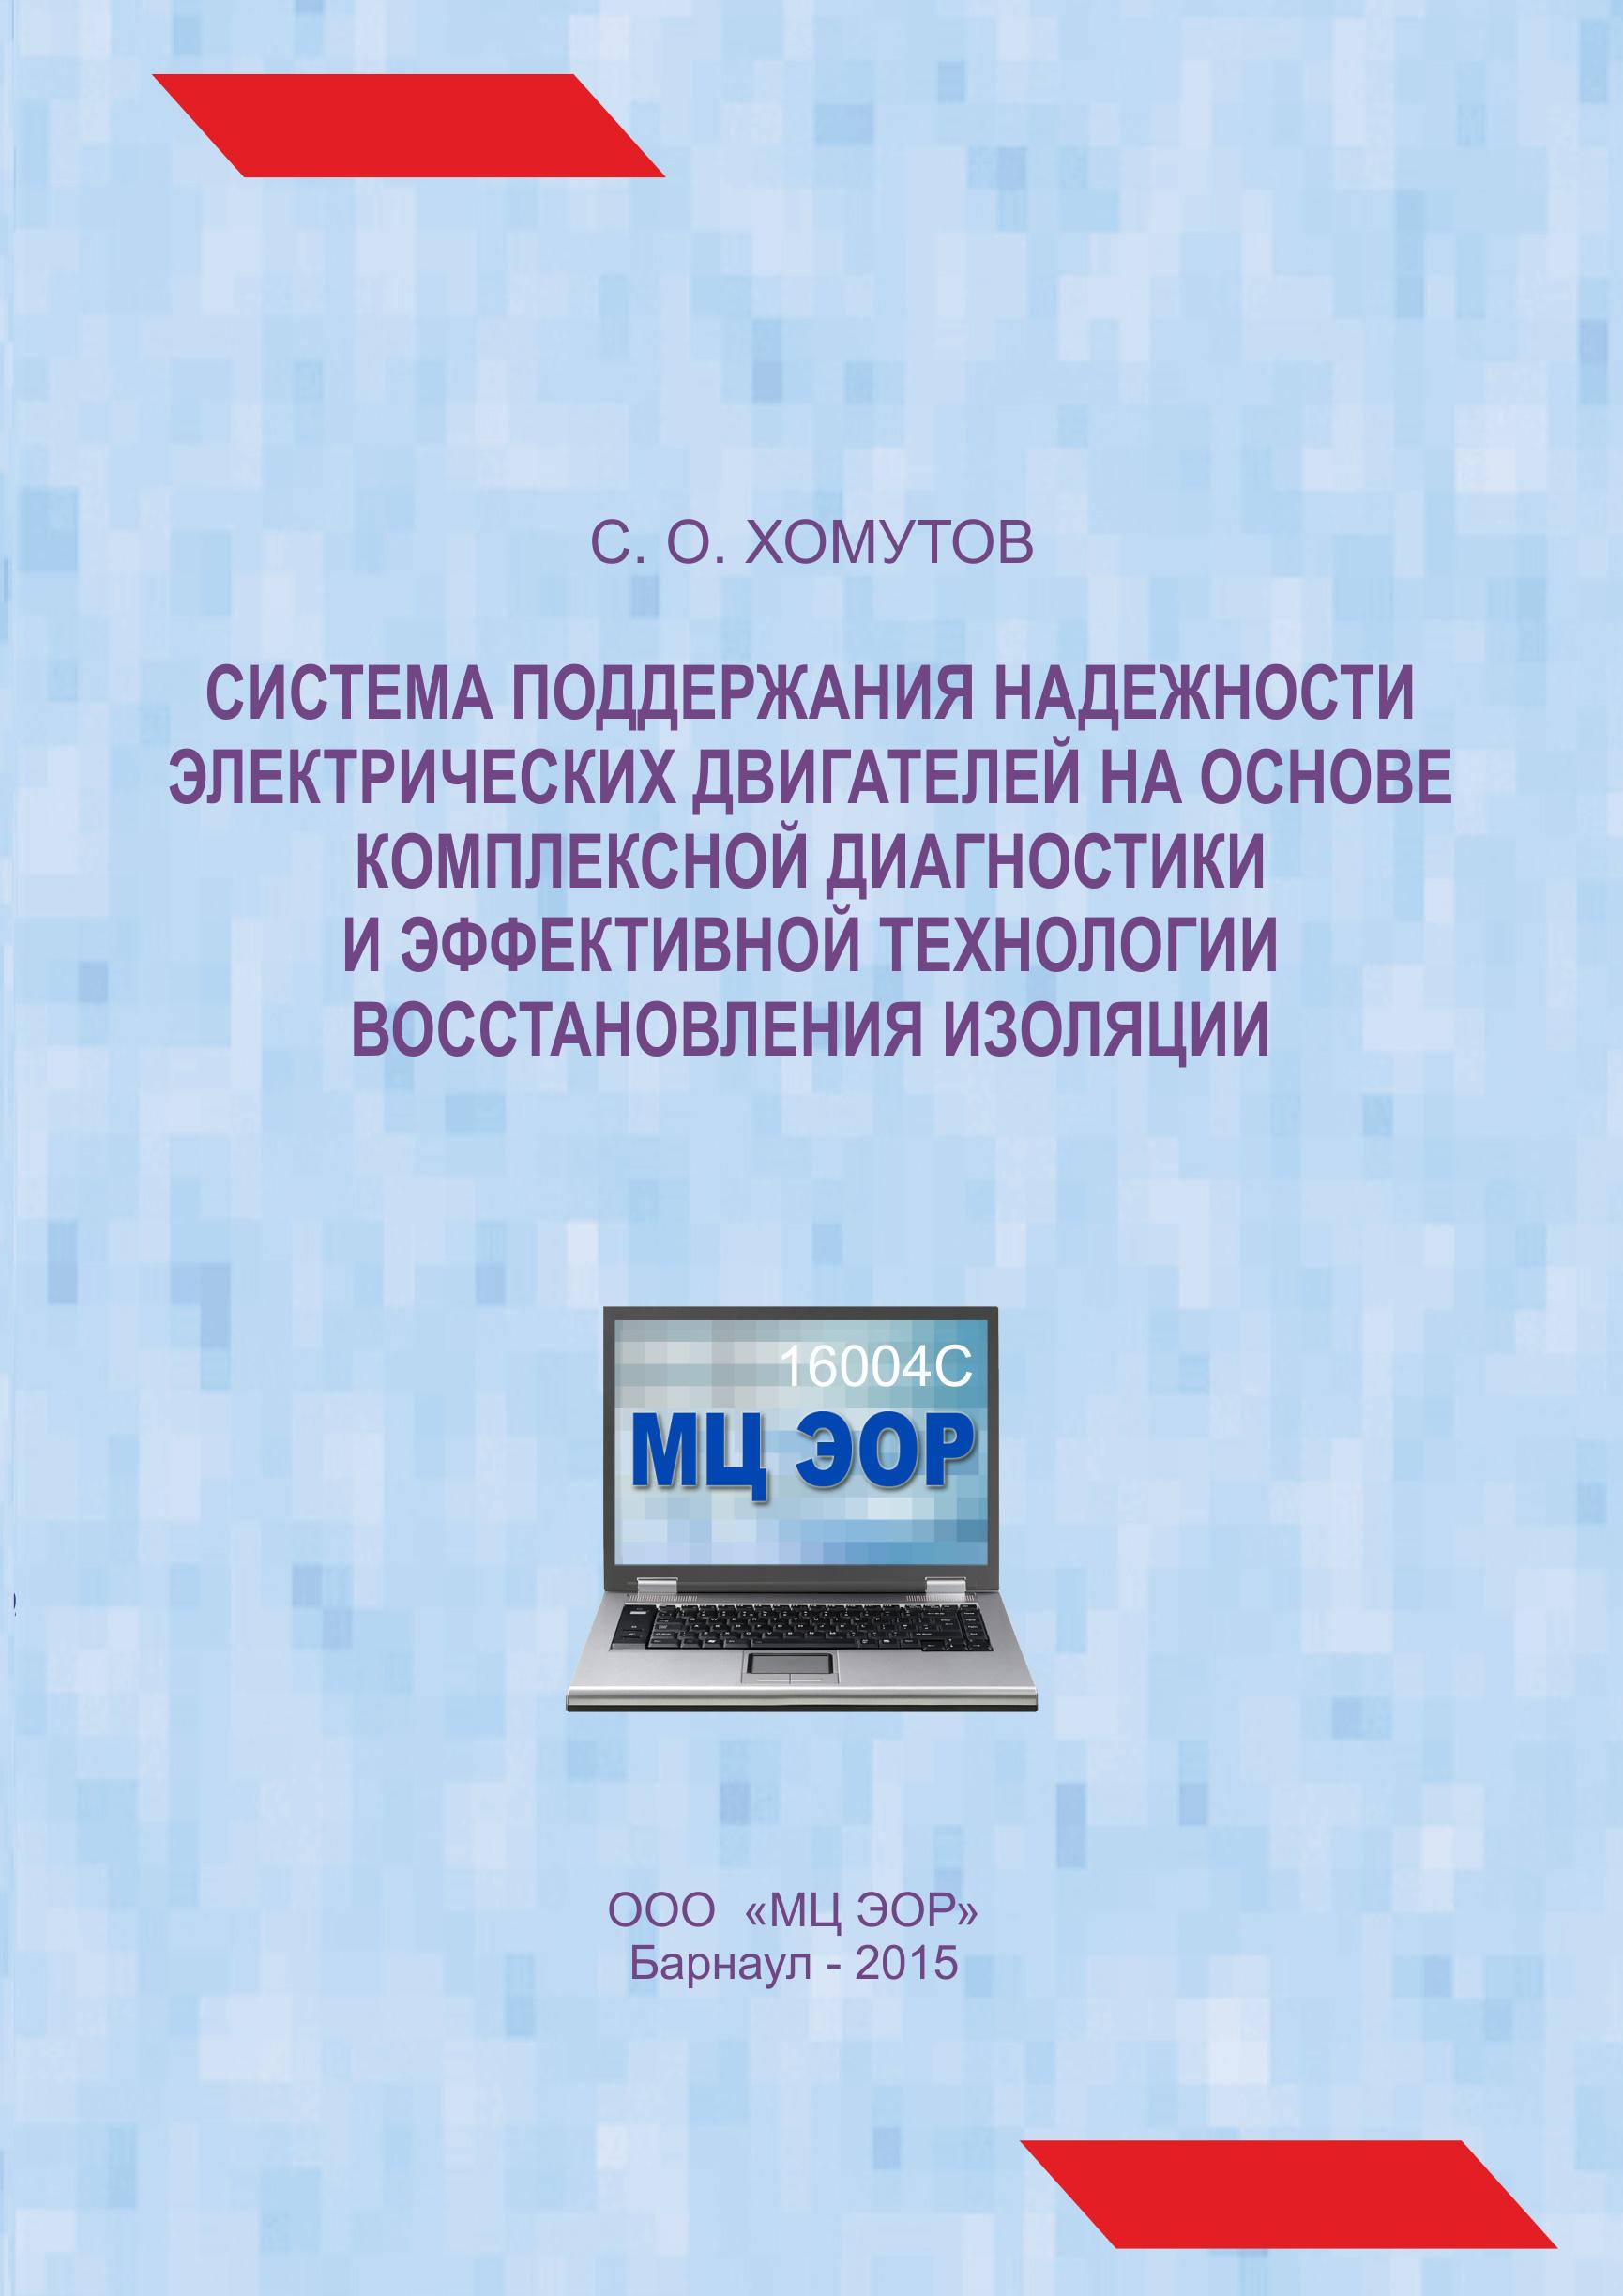 С. О. Хомутов Система поддержания надежности электрических двигателей на основе комплексной диагностики и эффективной технологии восстановления изоляции